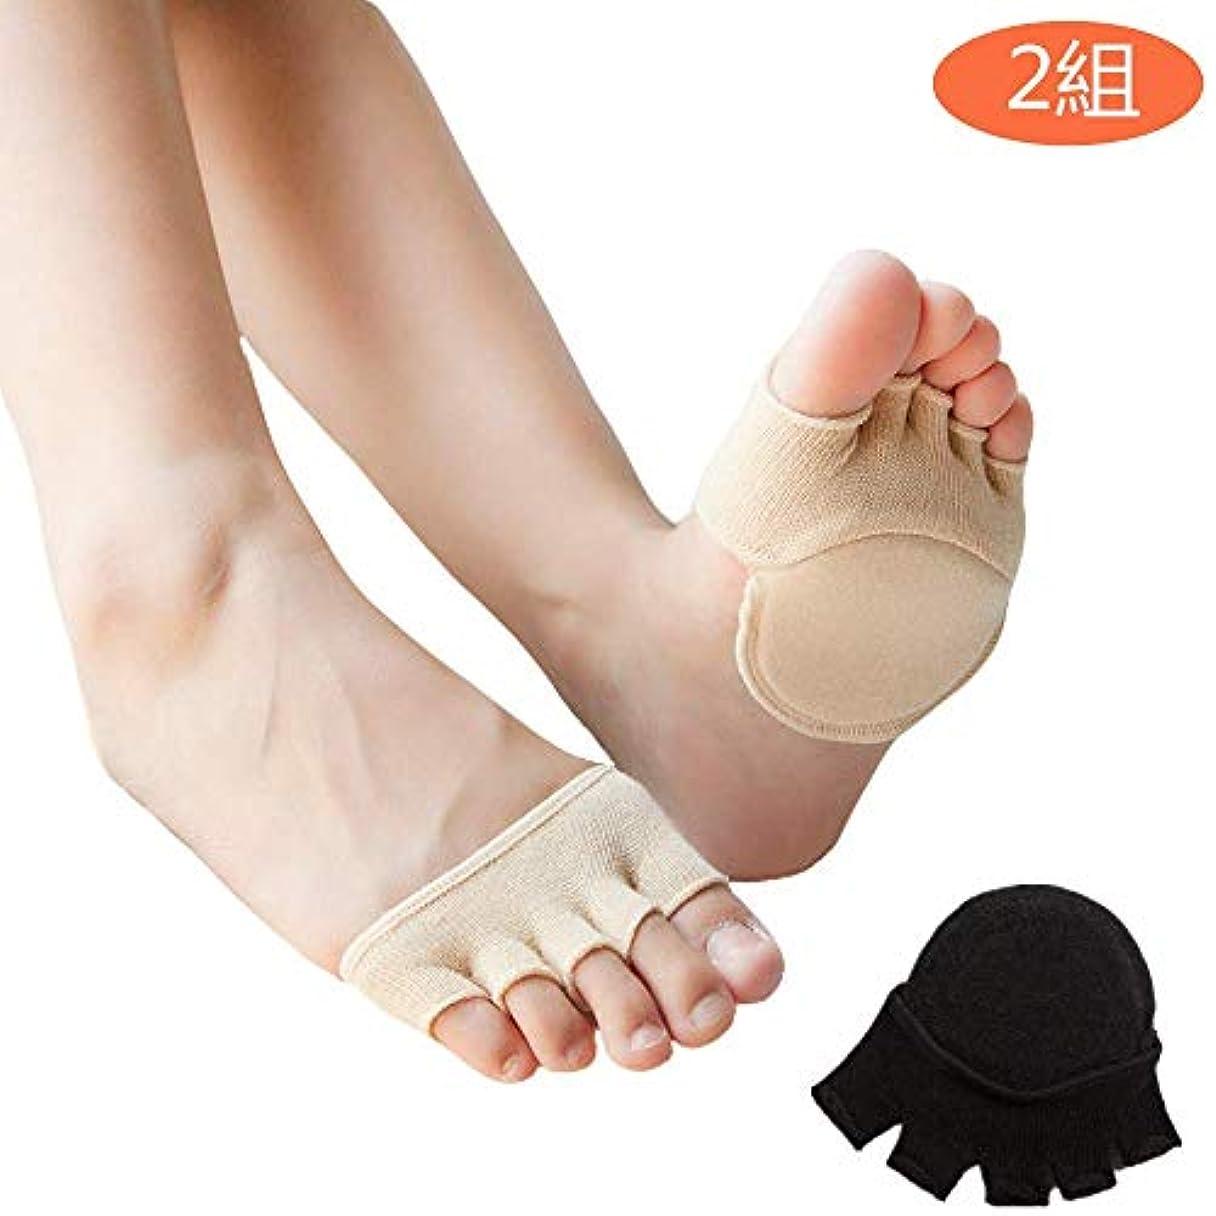 によってメダリスト成熟したつま先 5本指 足底クッション付き 前足サポーター 足の臭い対策 フットカバー ヨガ用靴下 浅い靴下半分つま先 夏 超薄型 (2組)